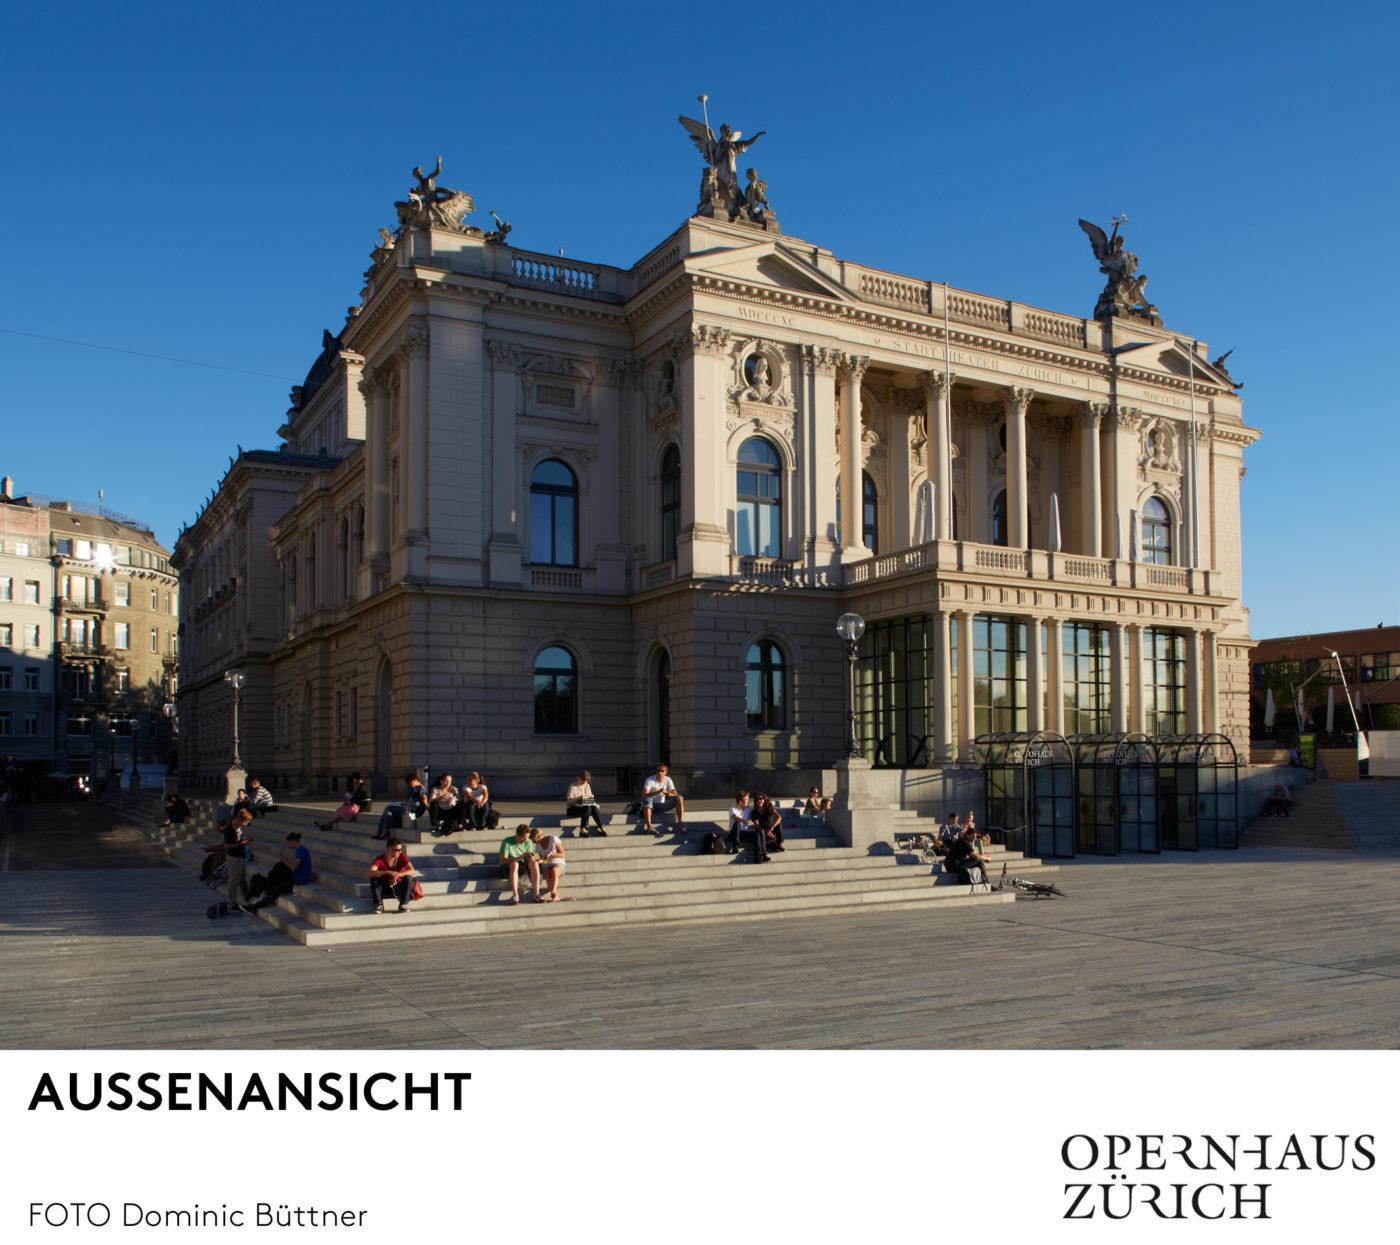 Opernhaus Zürich/Außenansicht/ Foto @ Dominic Büttner